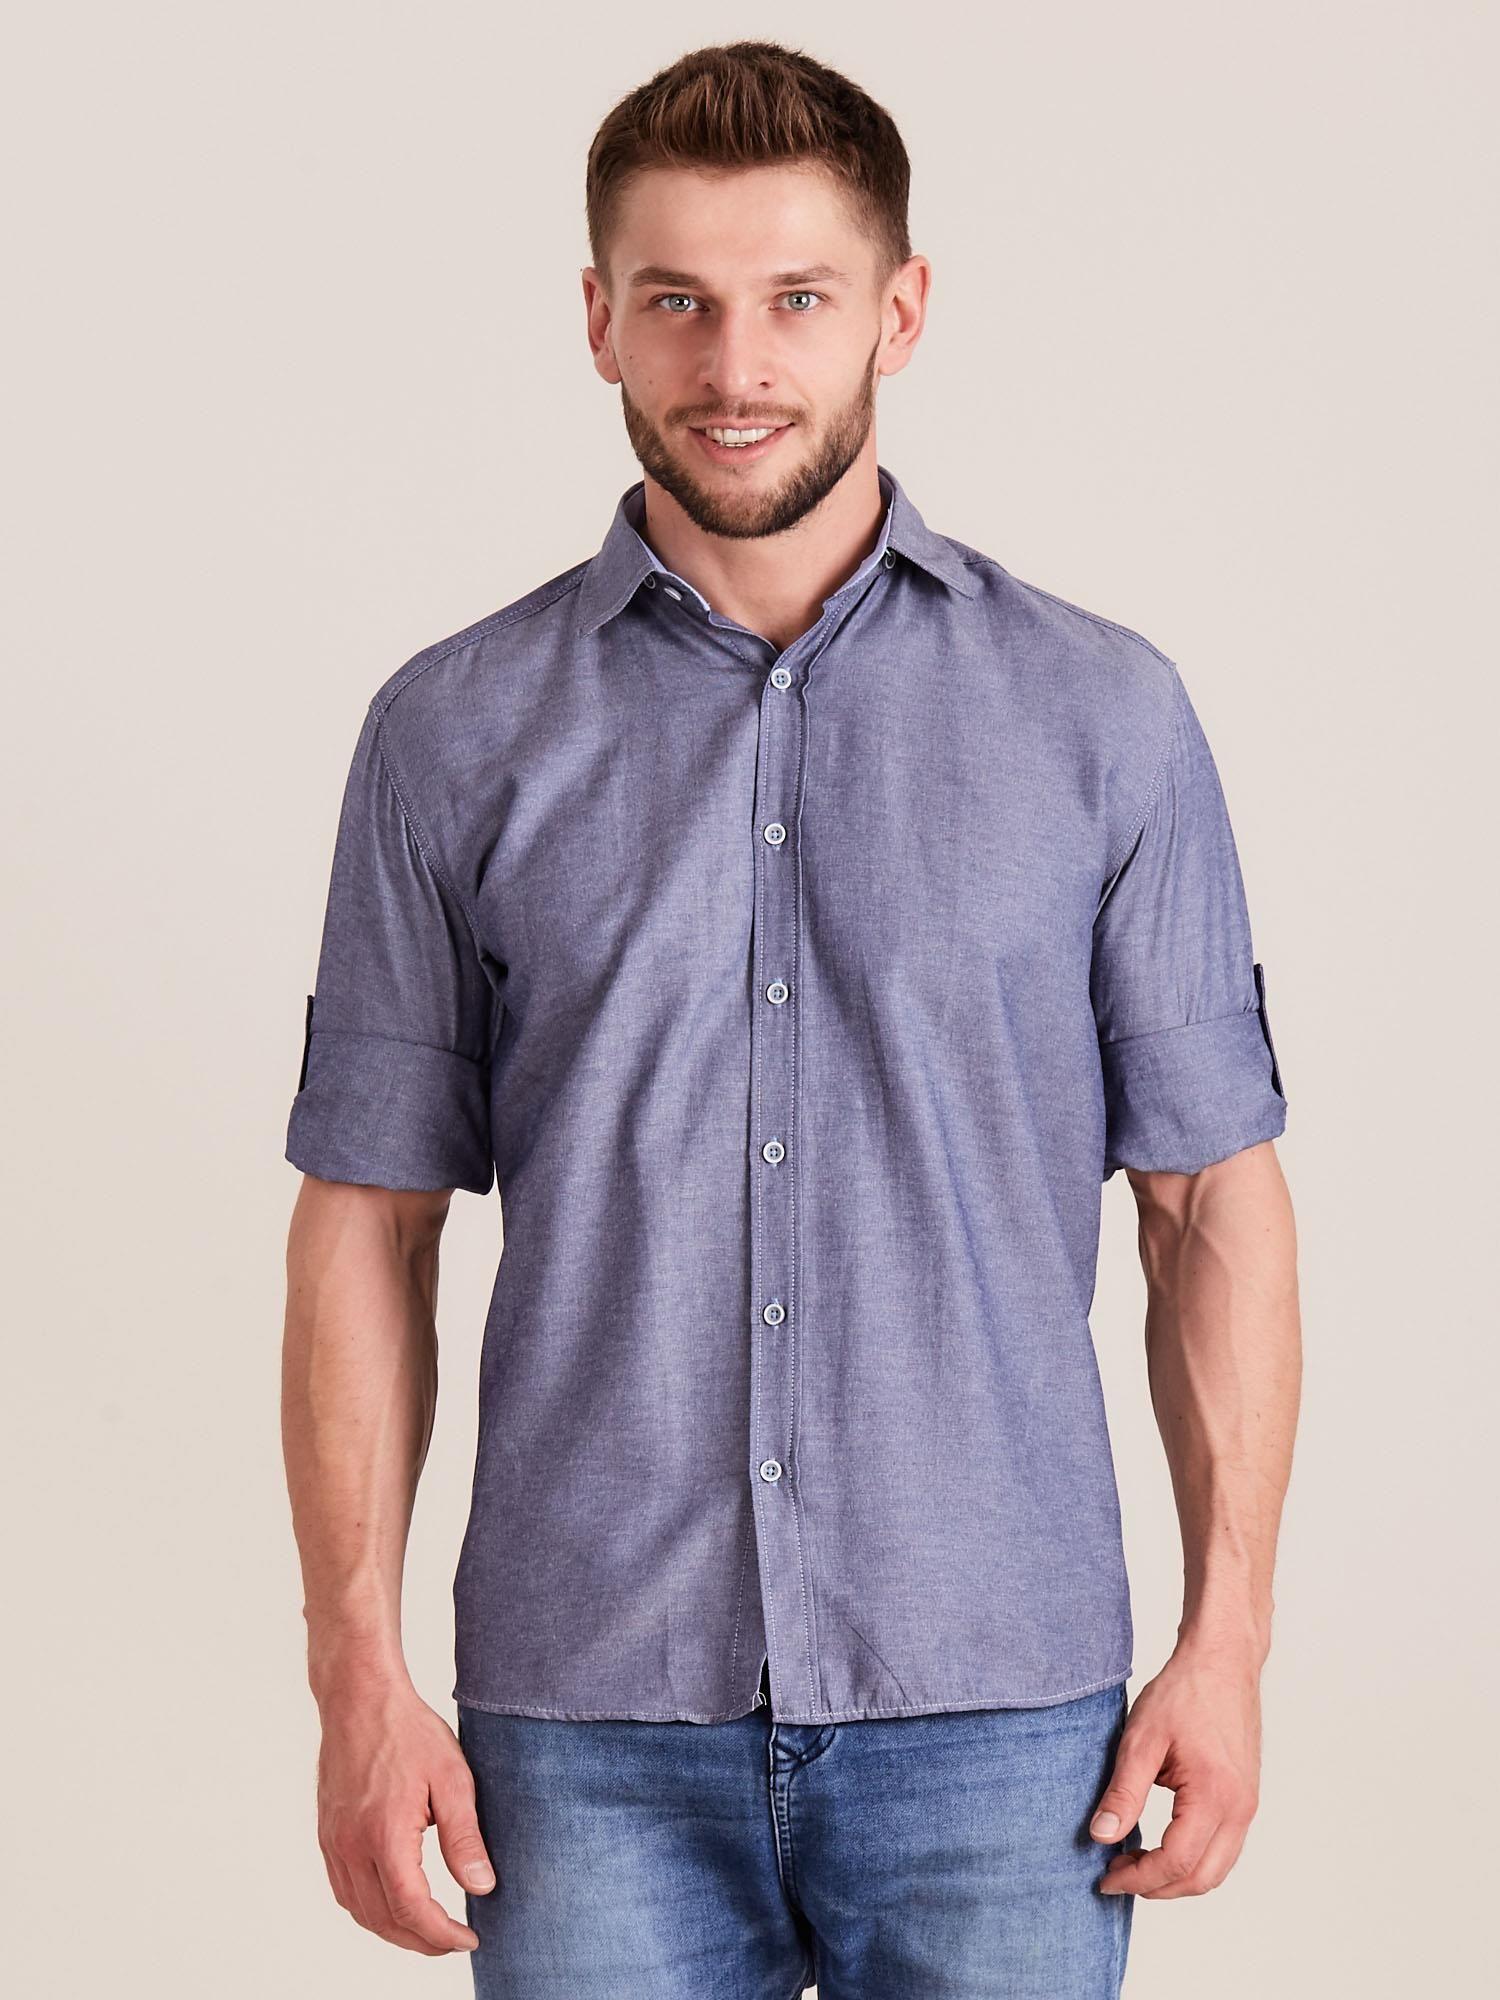 1d09ed32c8068c Ciemnoniebieska koszula męska o regularnym kroju - Mężczyźni koszula ...